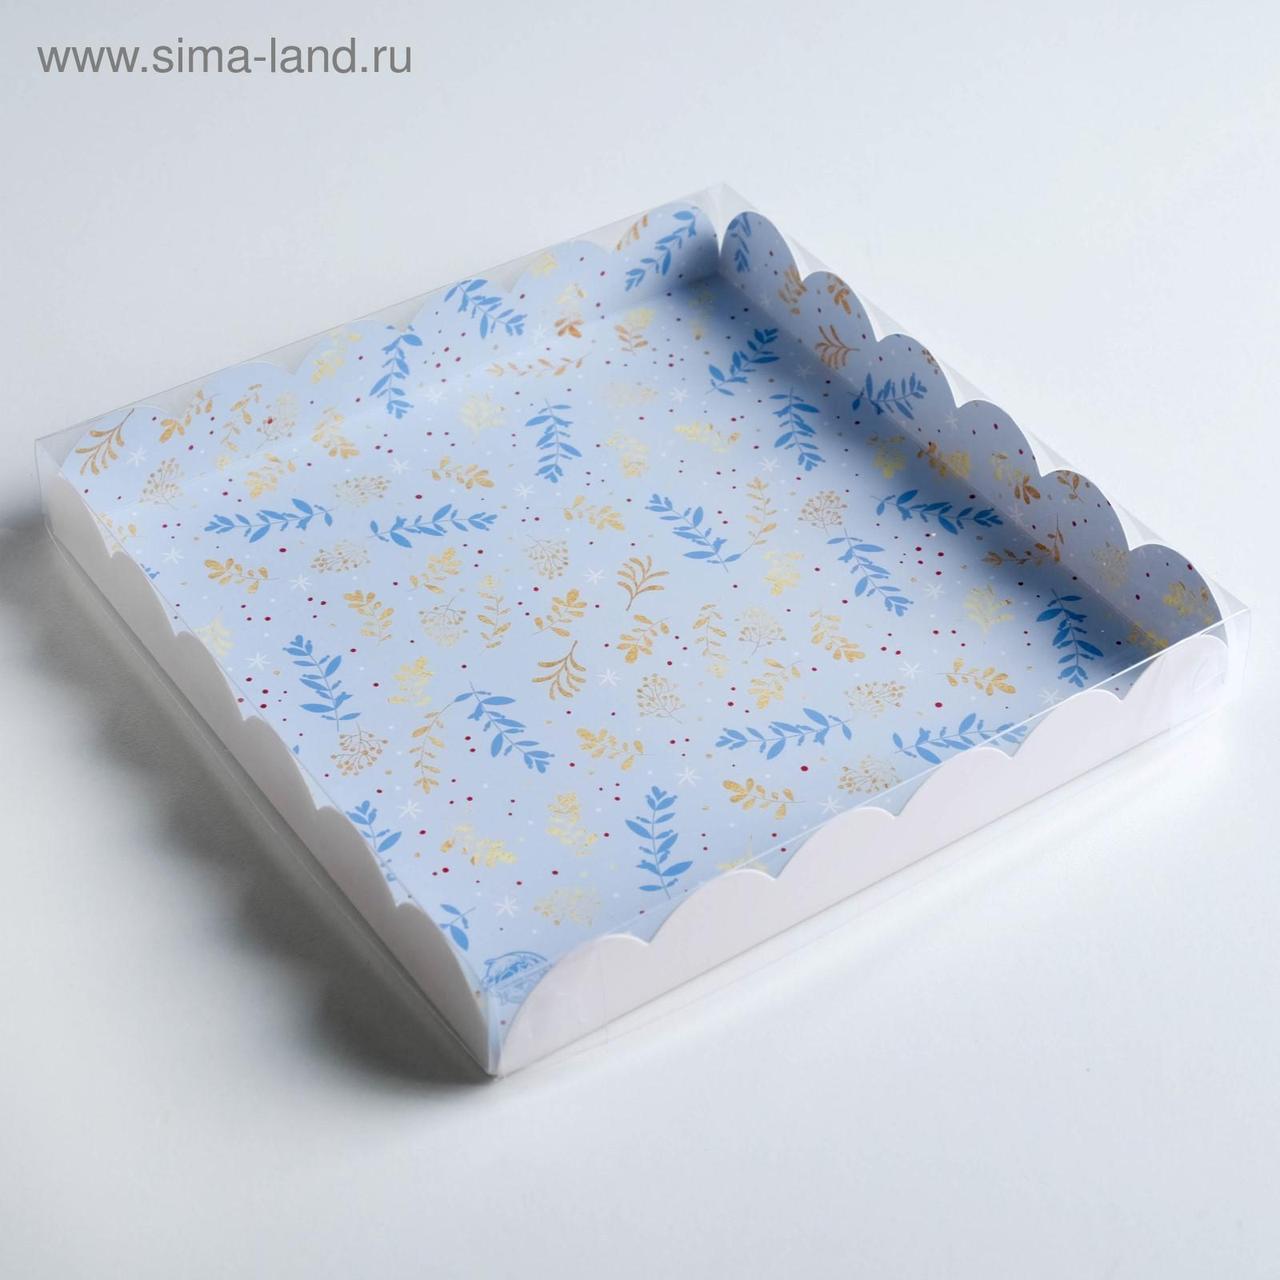 Коробка для кондитерских изделий с PVC крышкой Witn best wishes, 21 × 21 × 3 см